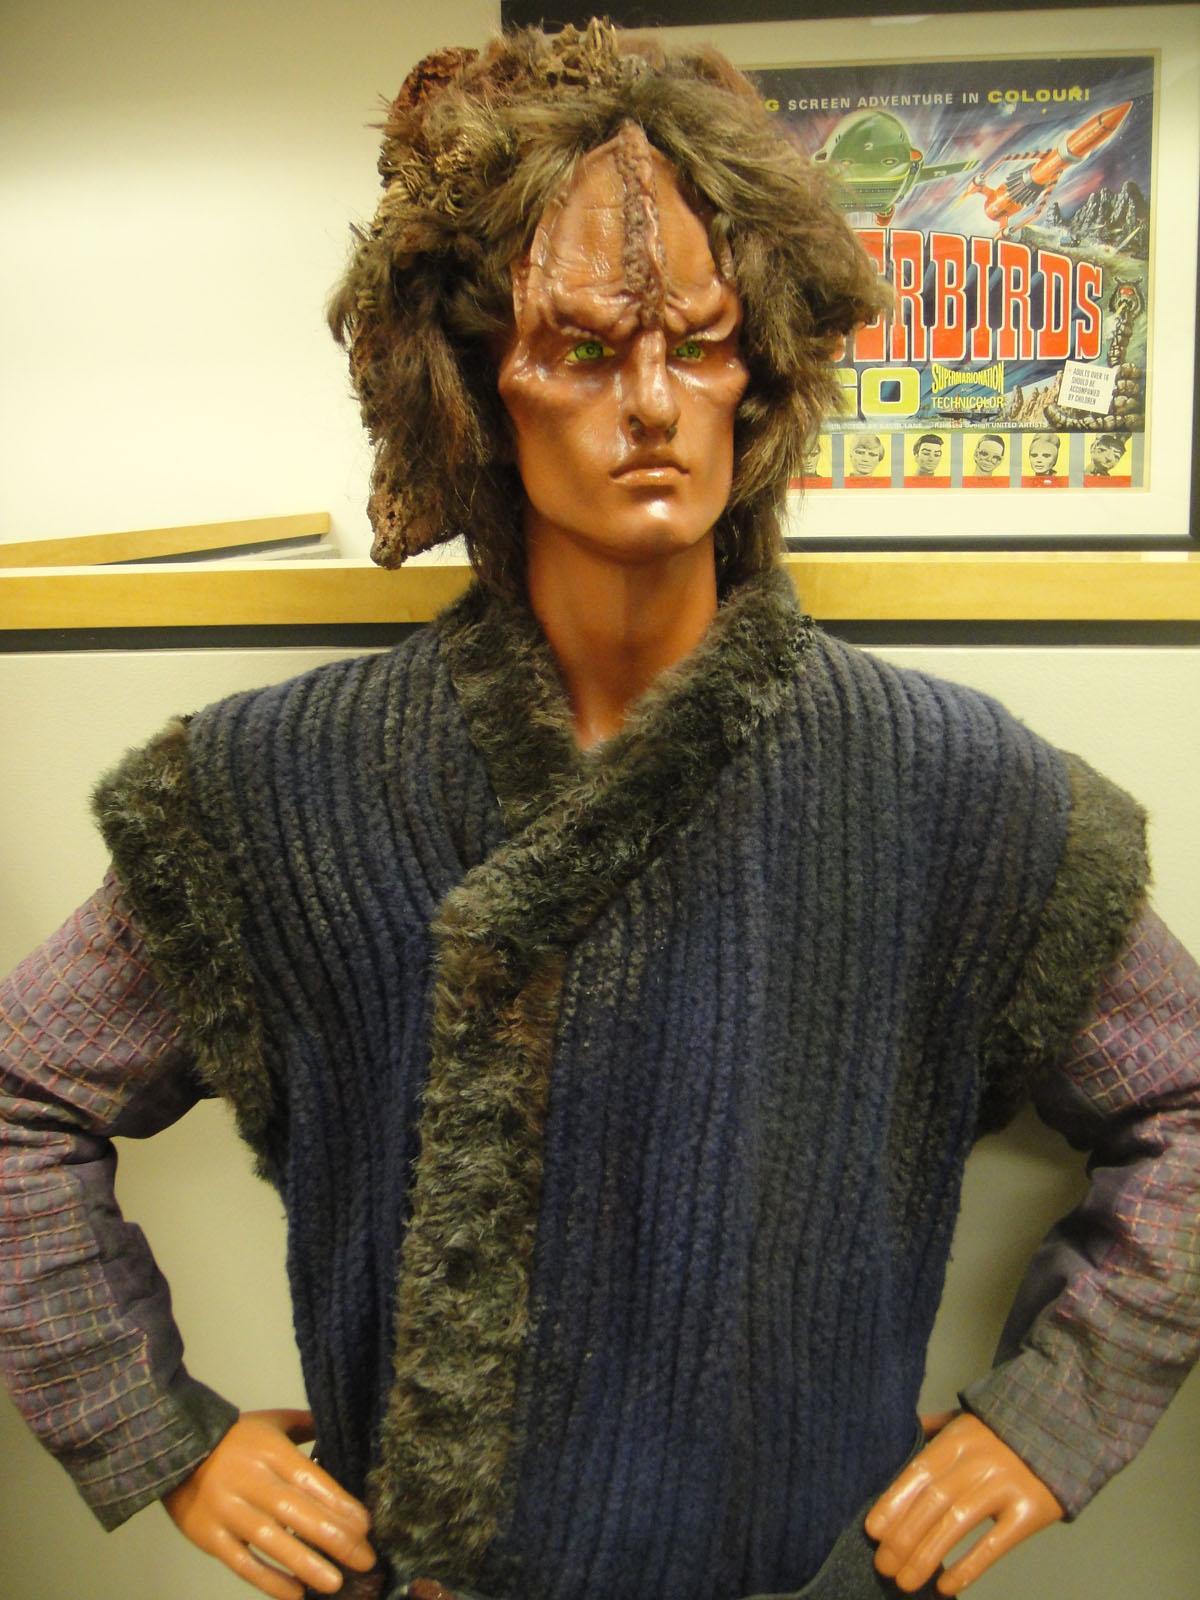 FileStar Trek Voyager costume - Kazon.jpg  sc 1 st  Wikimedia Commons & File:Star Trek Voyager costume - Kazon.jpg - Wikimedia Commons